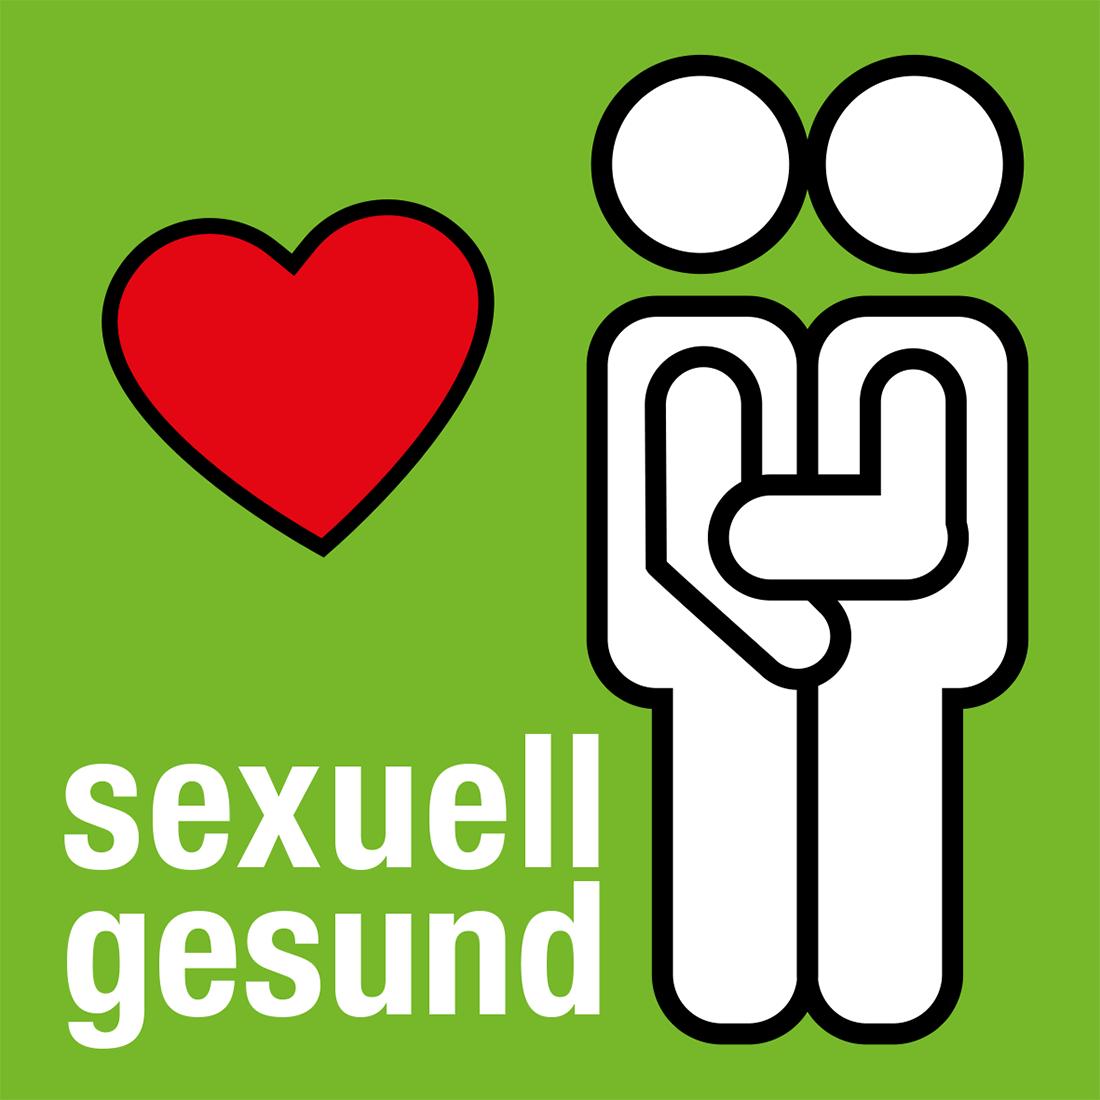 Bild sexuell gesund App